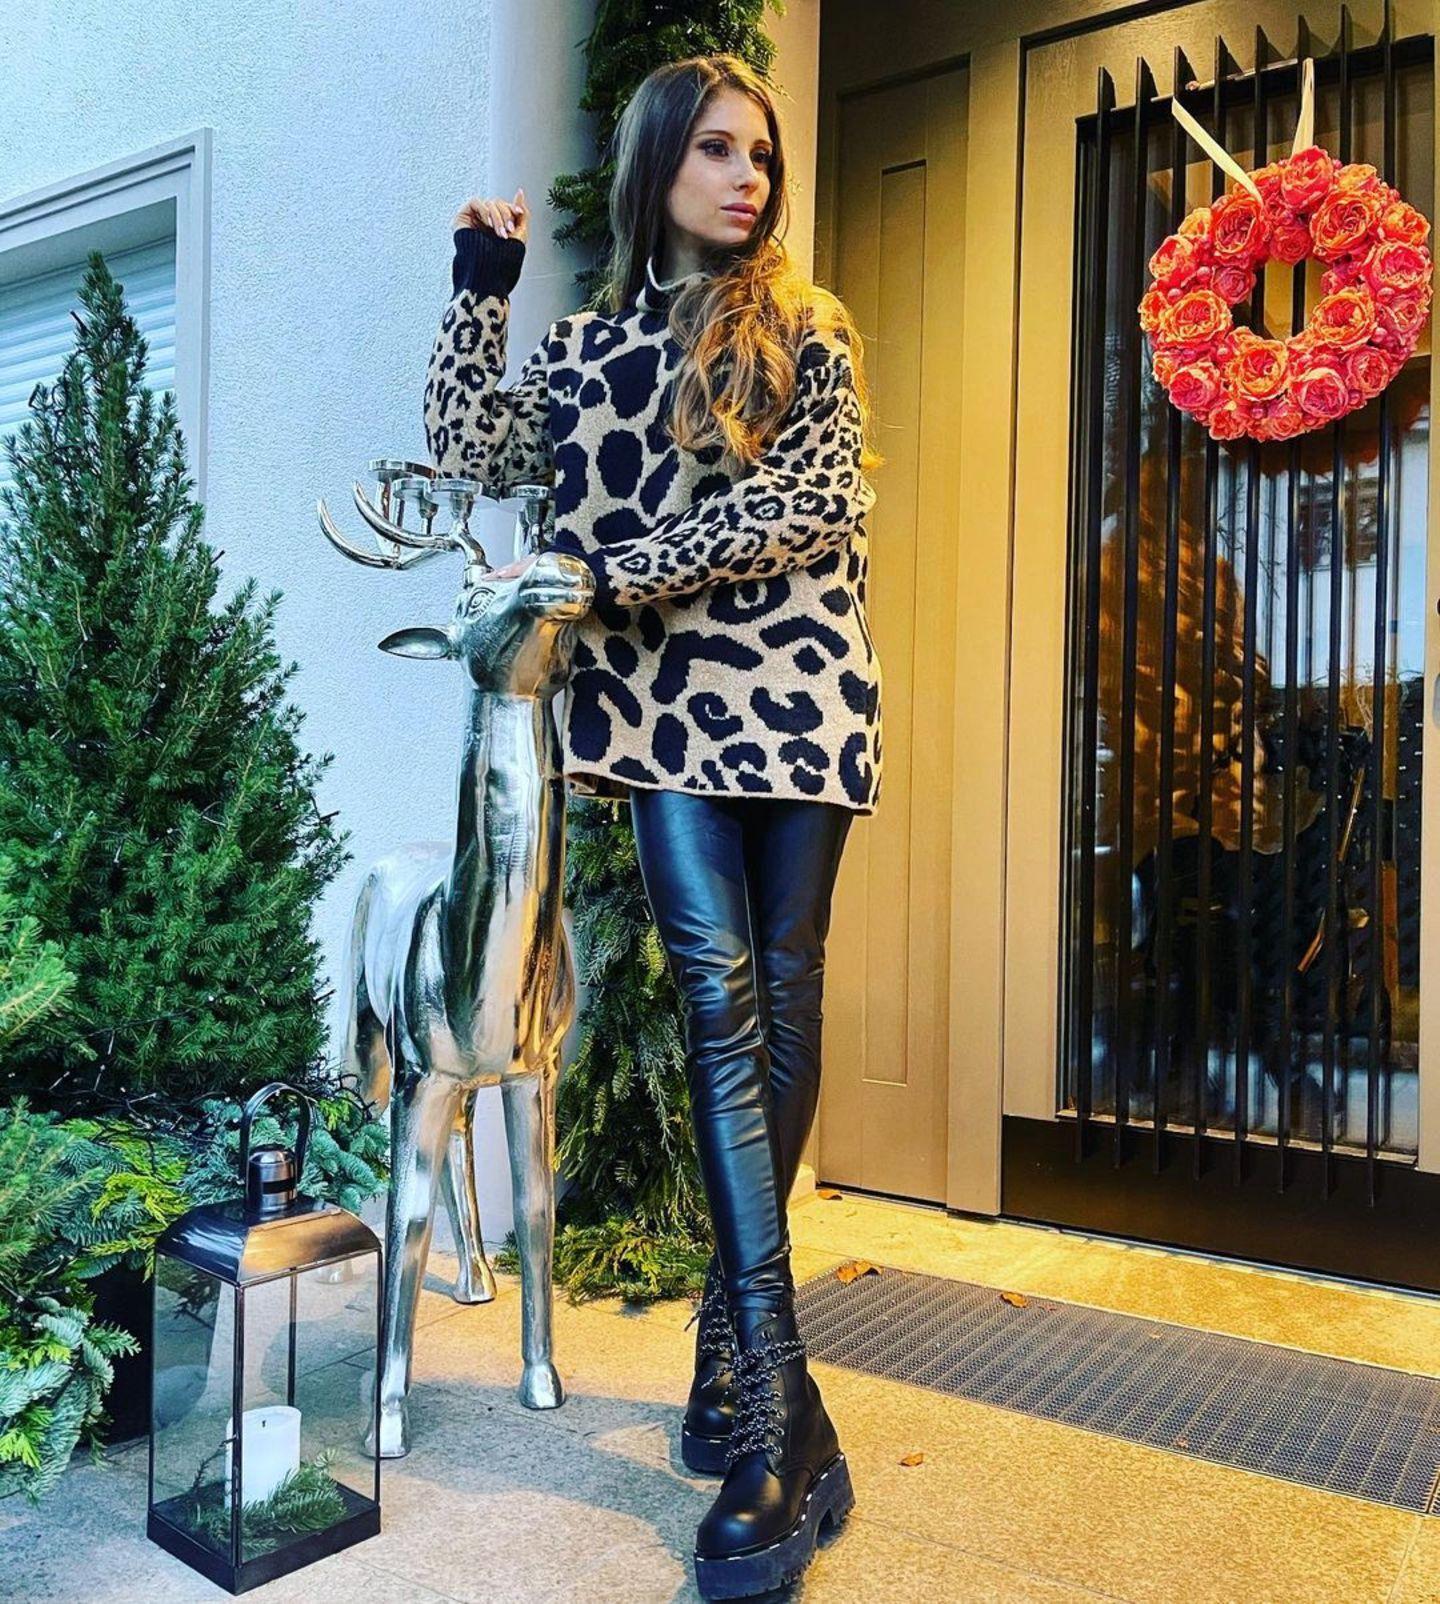 Kranz an der Tür, Hirsch davor – im Haus von Cathy Hummels scheint das große Dekofieber zur Weihnachtszeit ausgebrochen zu seien. Sie selbst dekoriert sich für einen Schnappschuss gleich dazu.